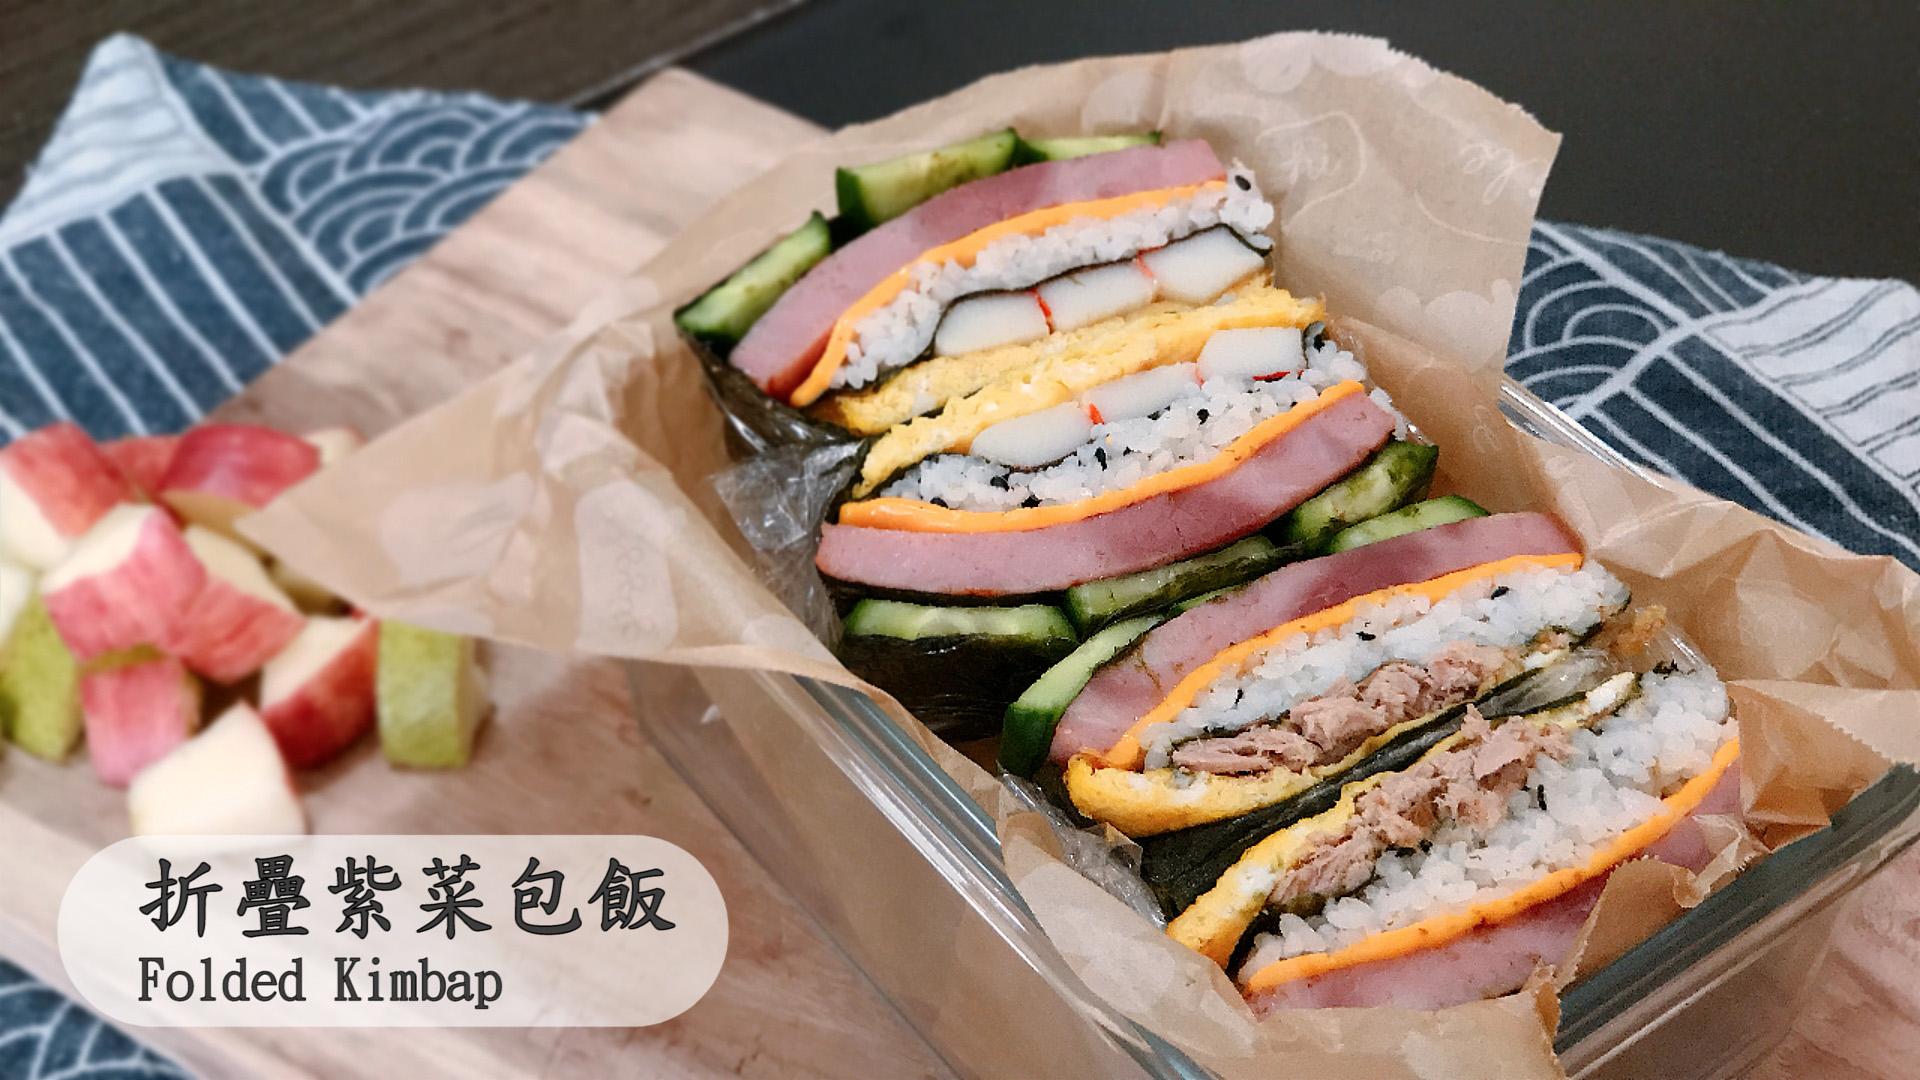 【影片】折疊紫菜包飯